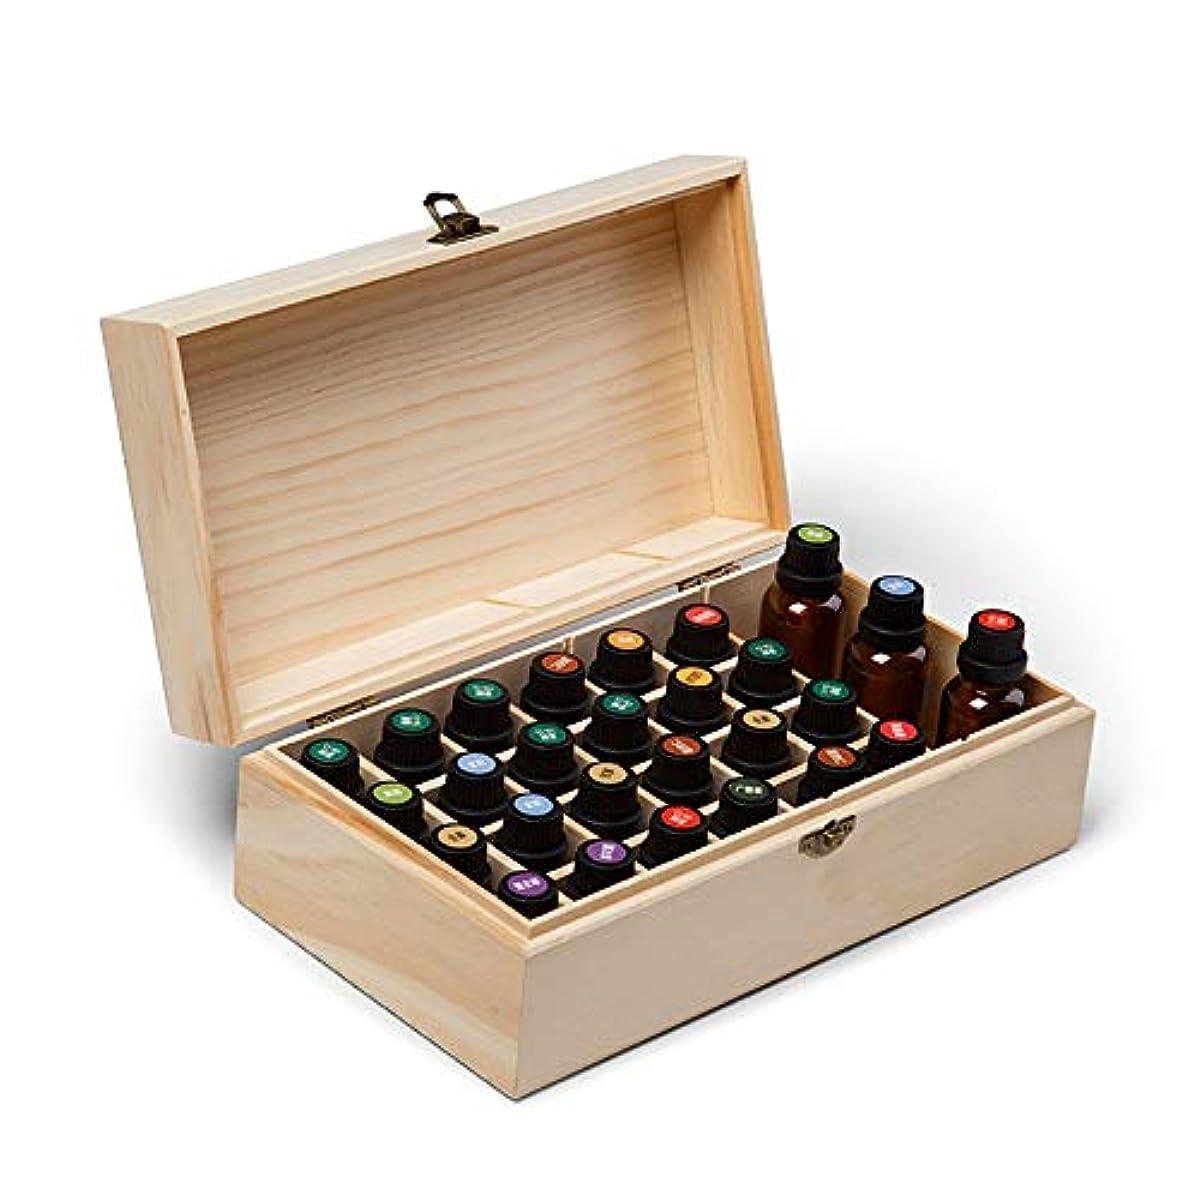 バーゲン抜粋入り口精油ケース エッセンシャルオイル木製ボックス油の収納ケースは、25本のボトルナチュラルパインを開催します 携帯便利 (色 : Natural, サイズ : 27X15X10CM)